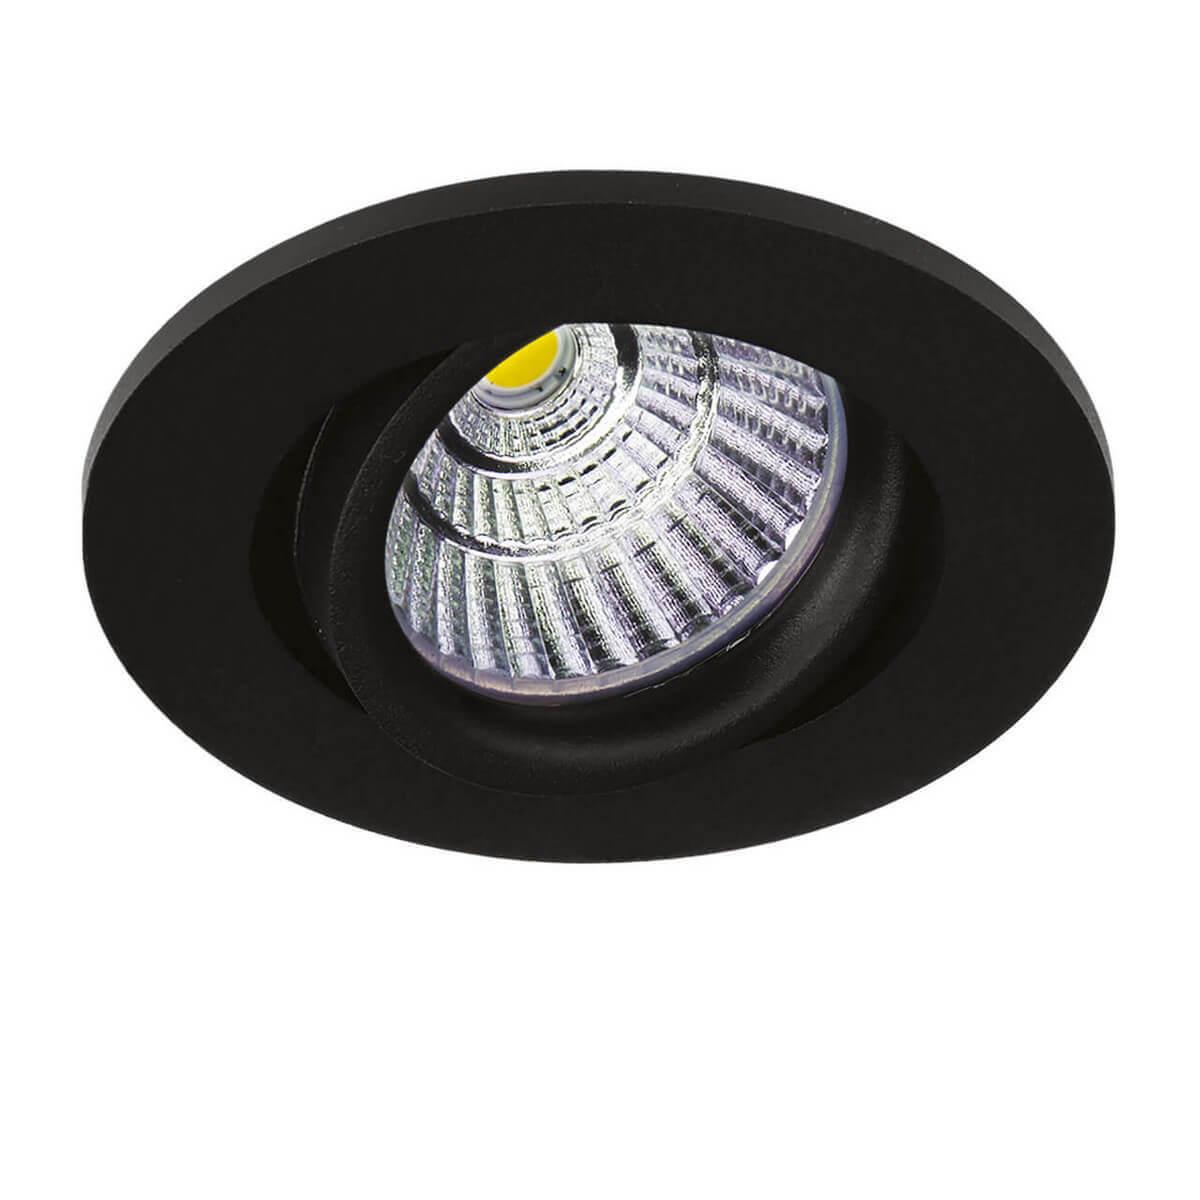 Встраиваемый светильник Lightstar Soffi 16 212437 цена в Москве и Питере